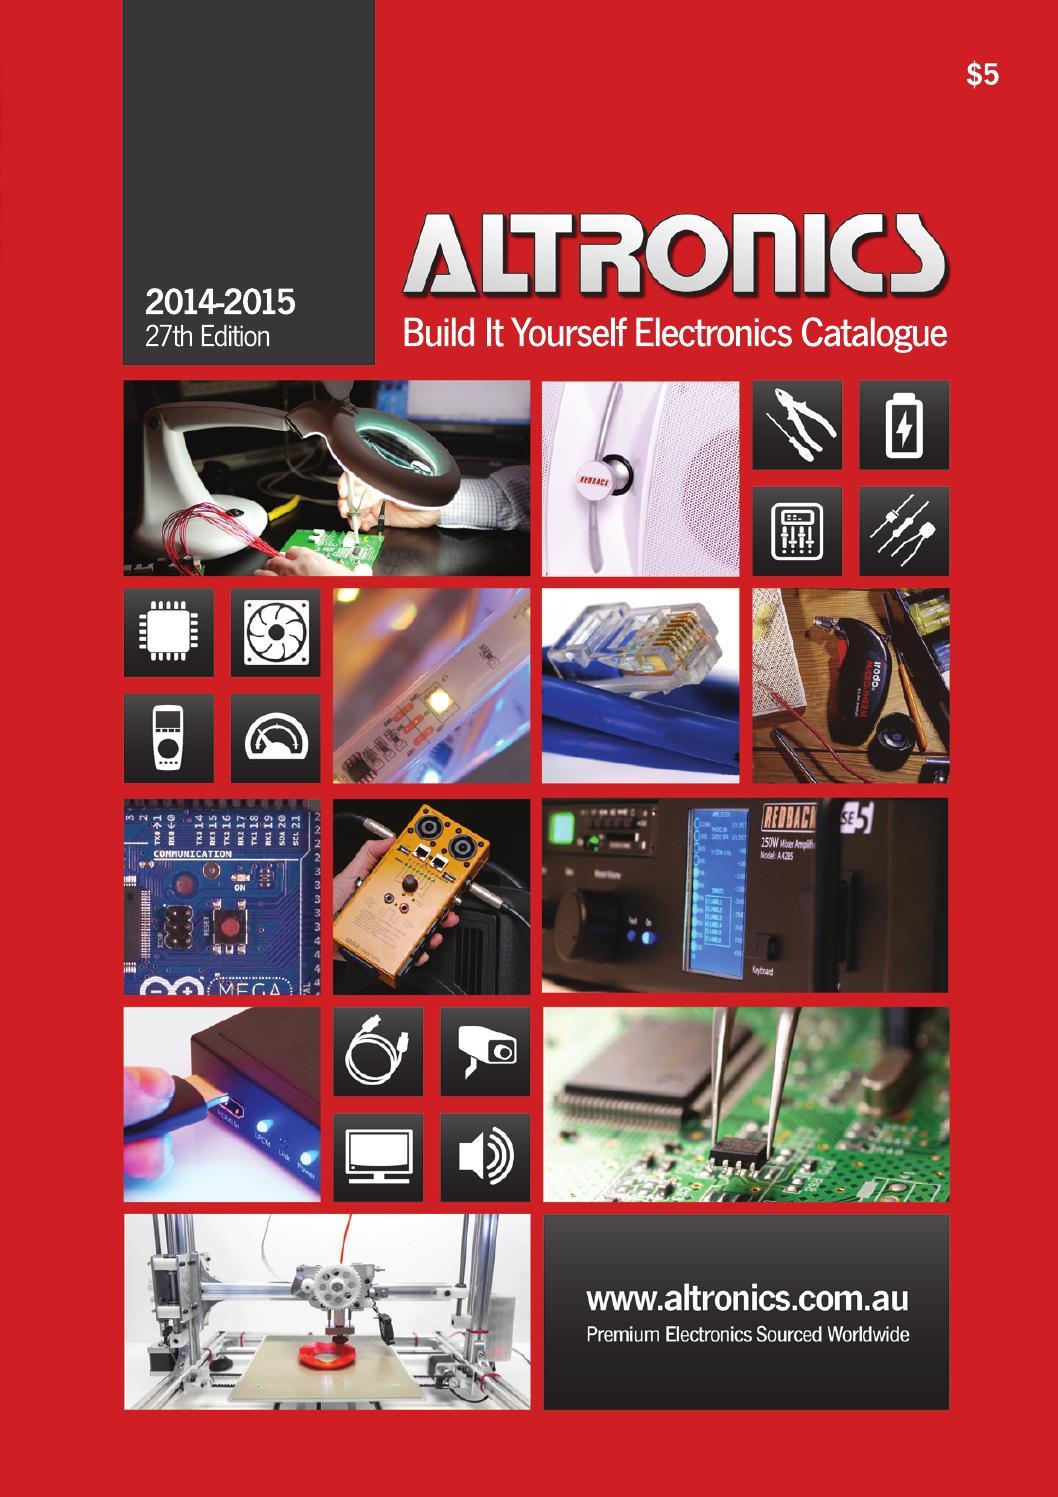 инструкция пользователя altronics al-450 kit